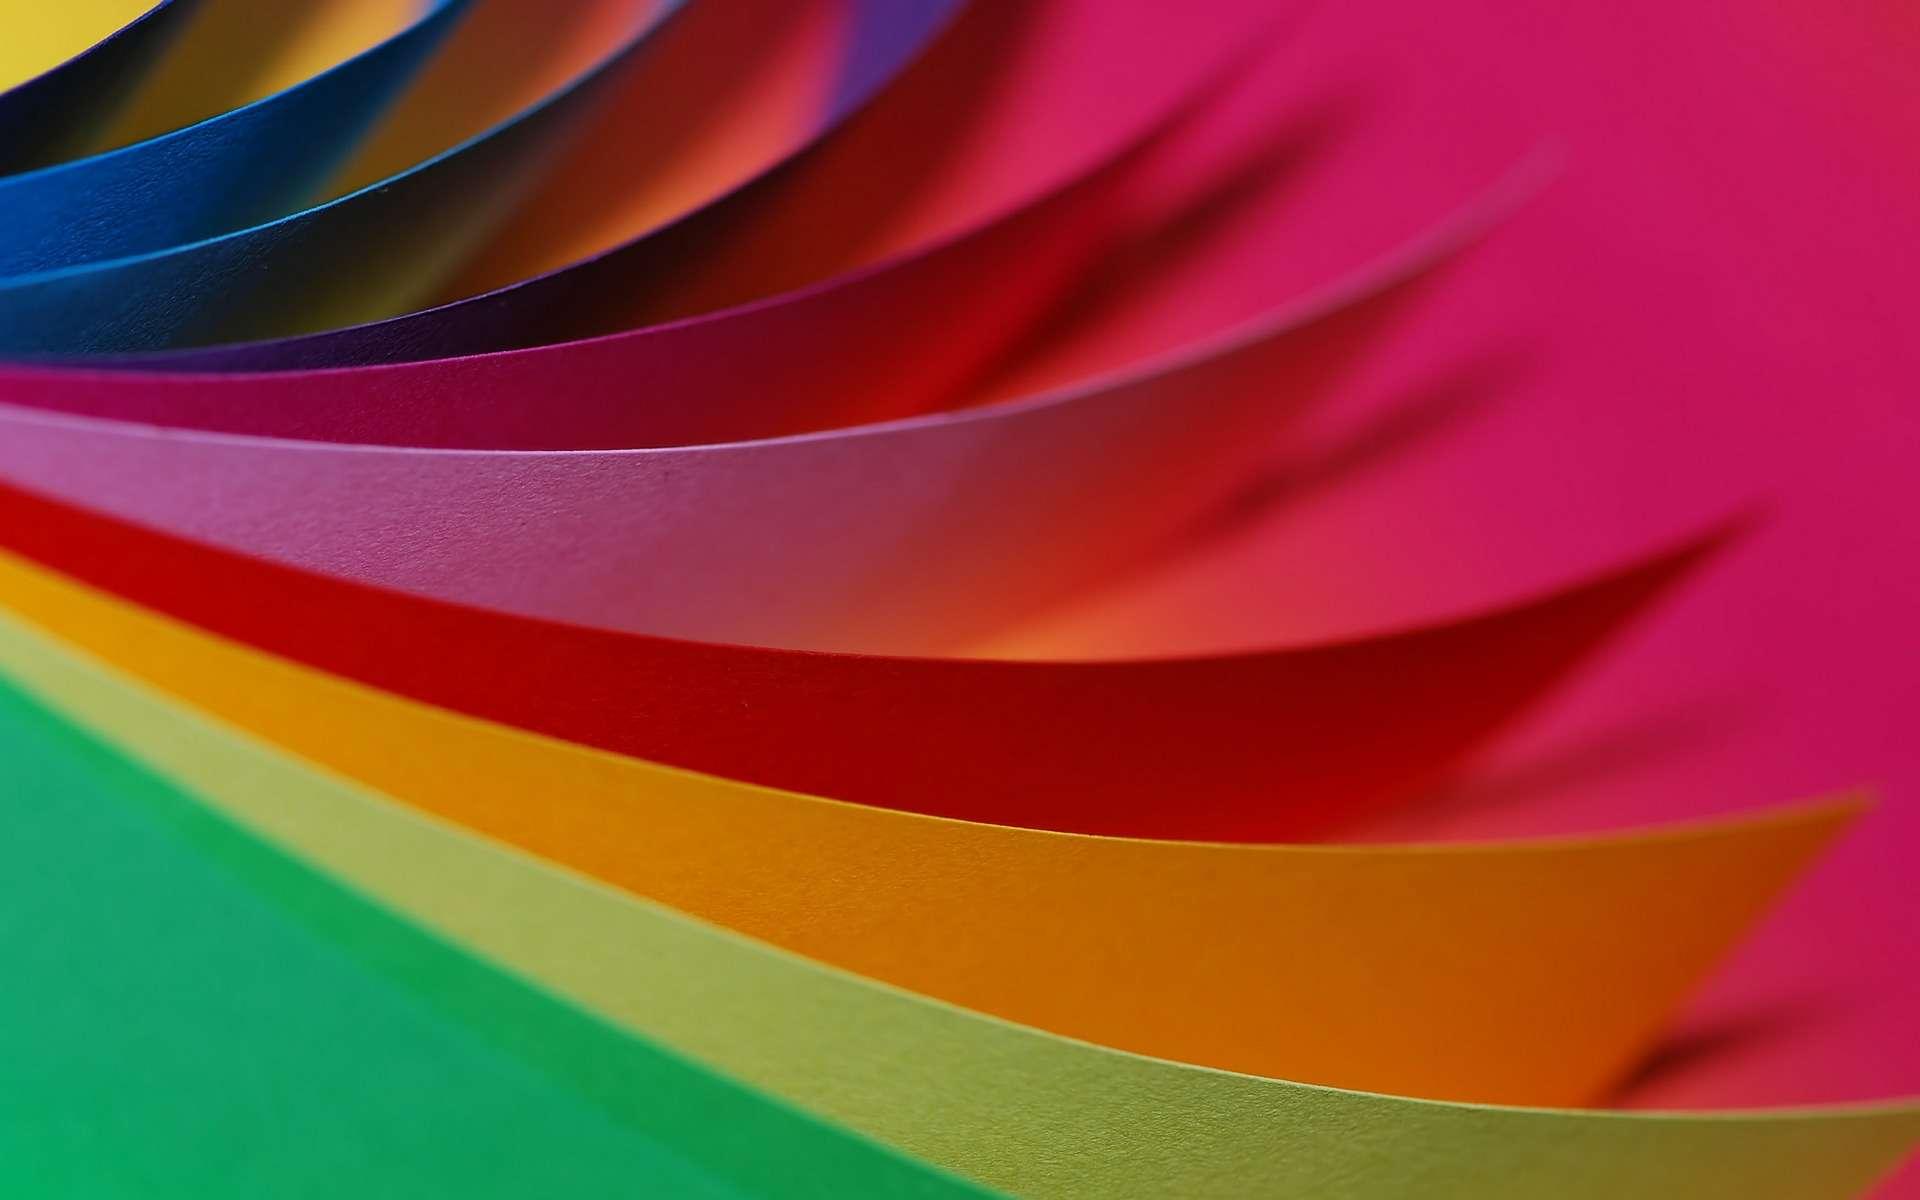 Comment augmenter la résistance d'une feuille de papier. © Soorelis, Pixabay, DP